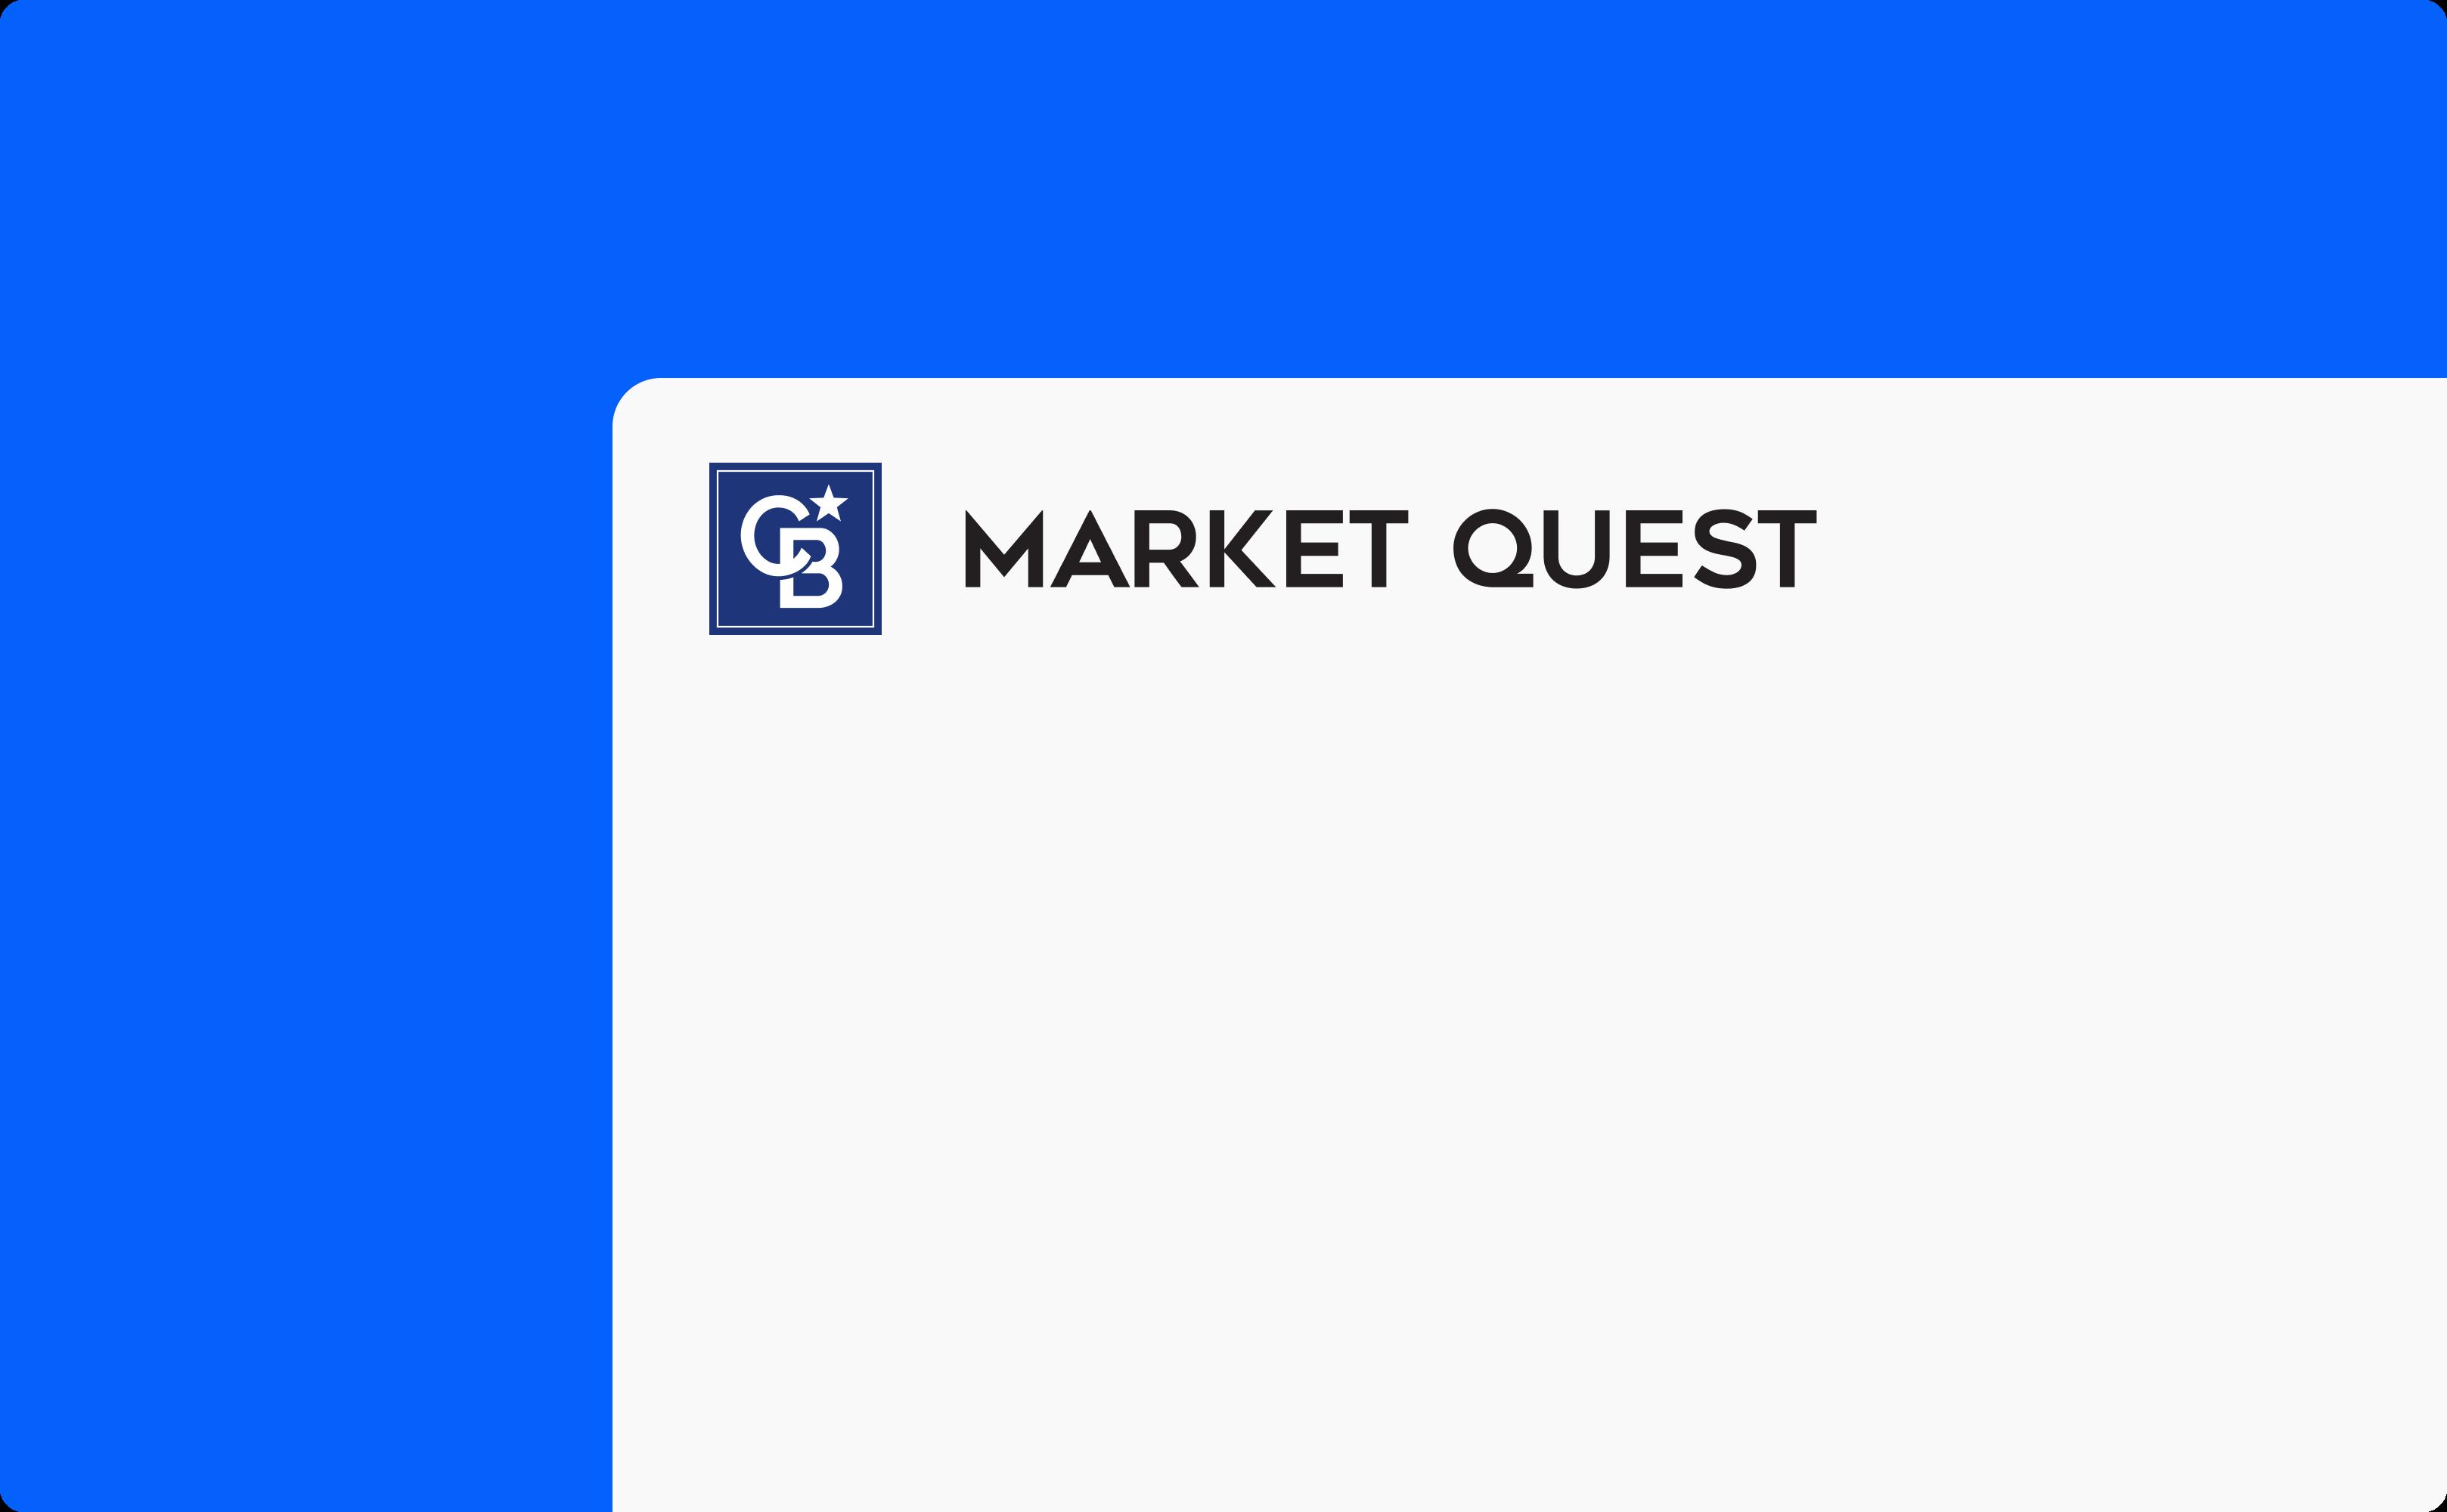 Market Quest